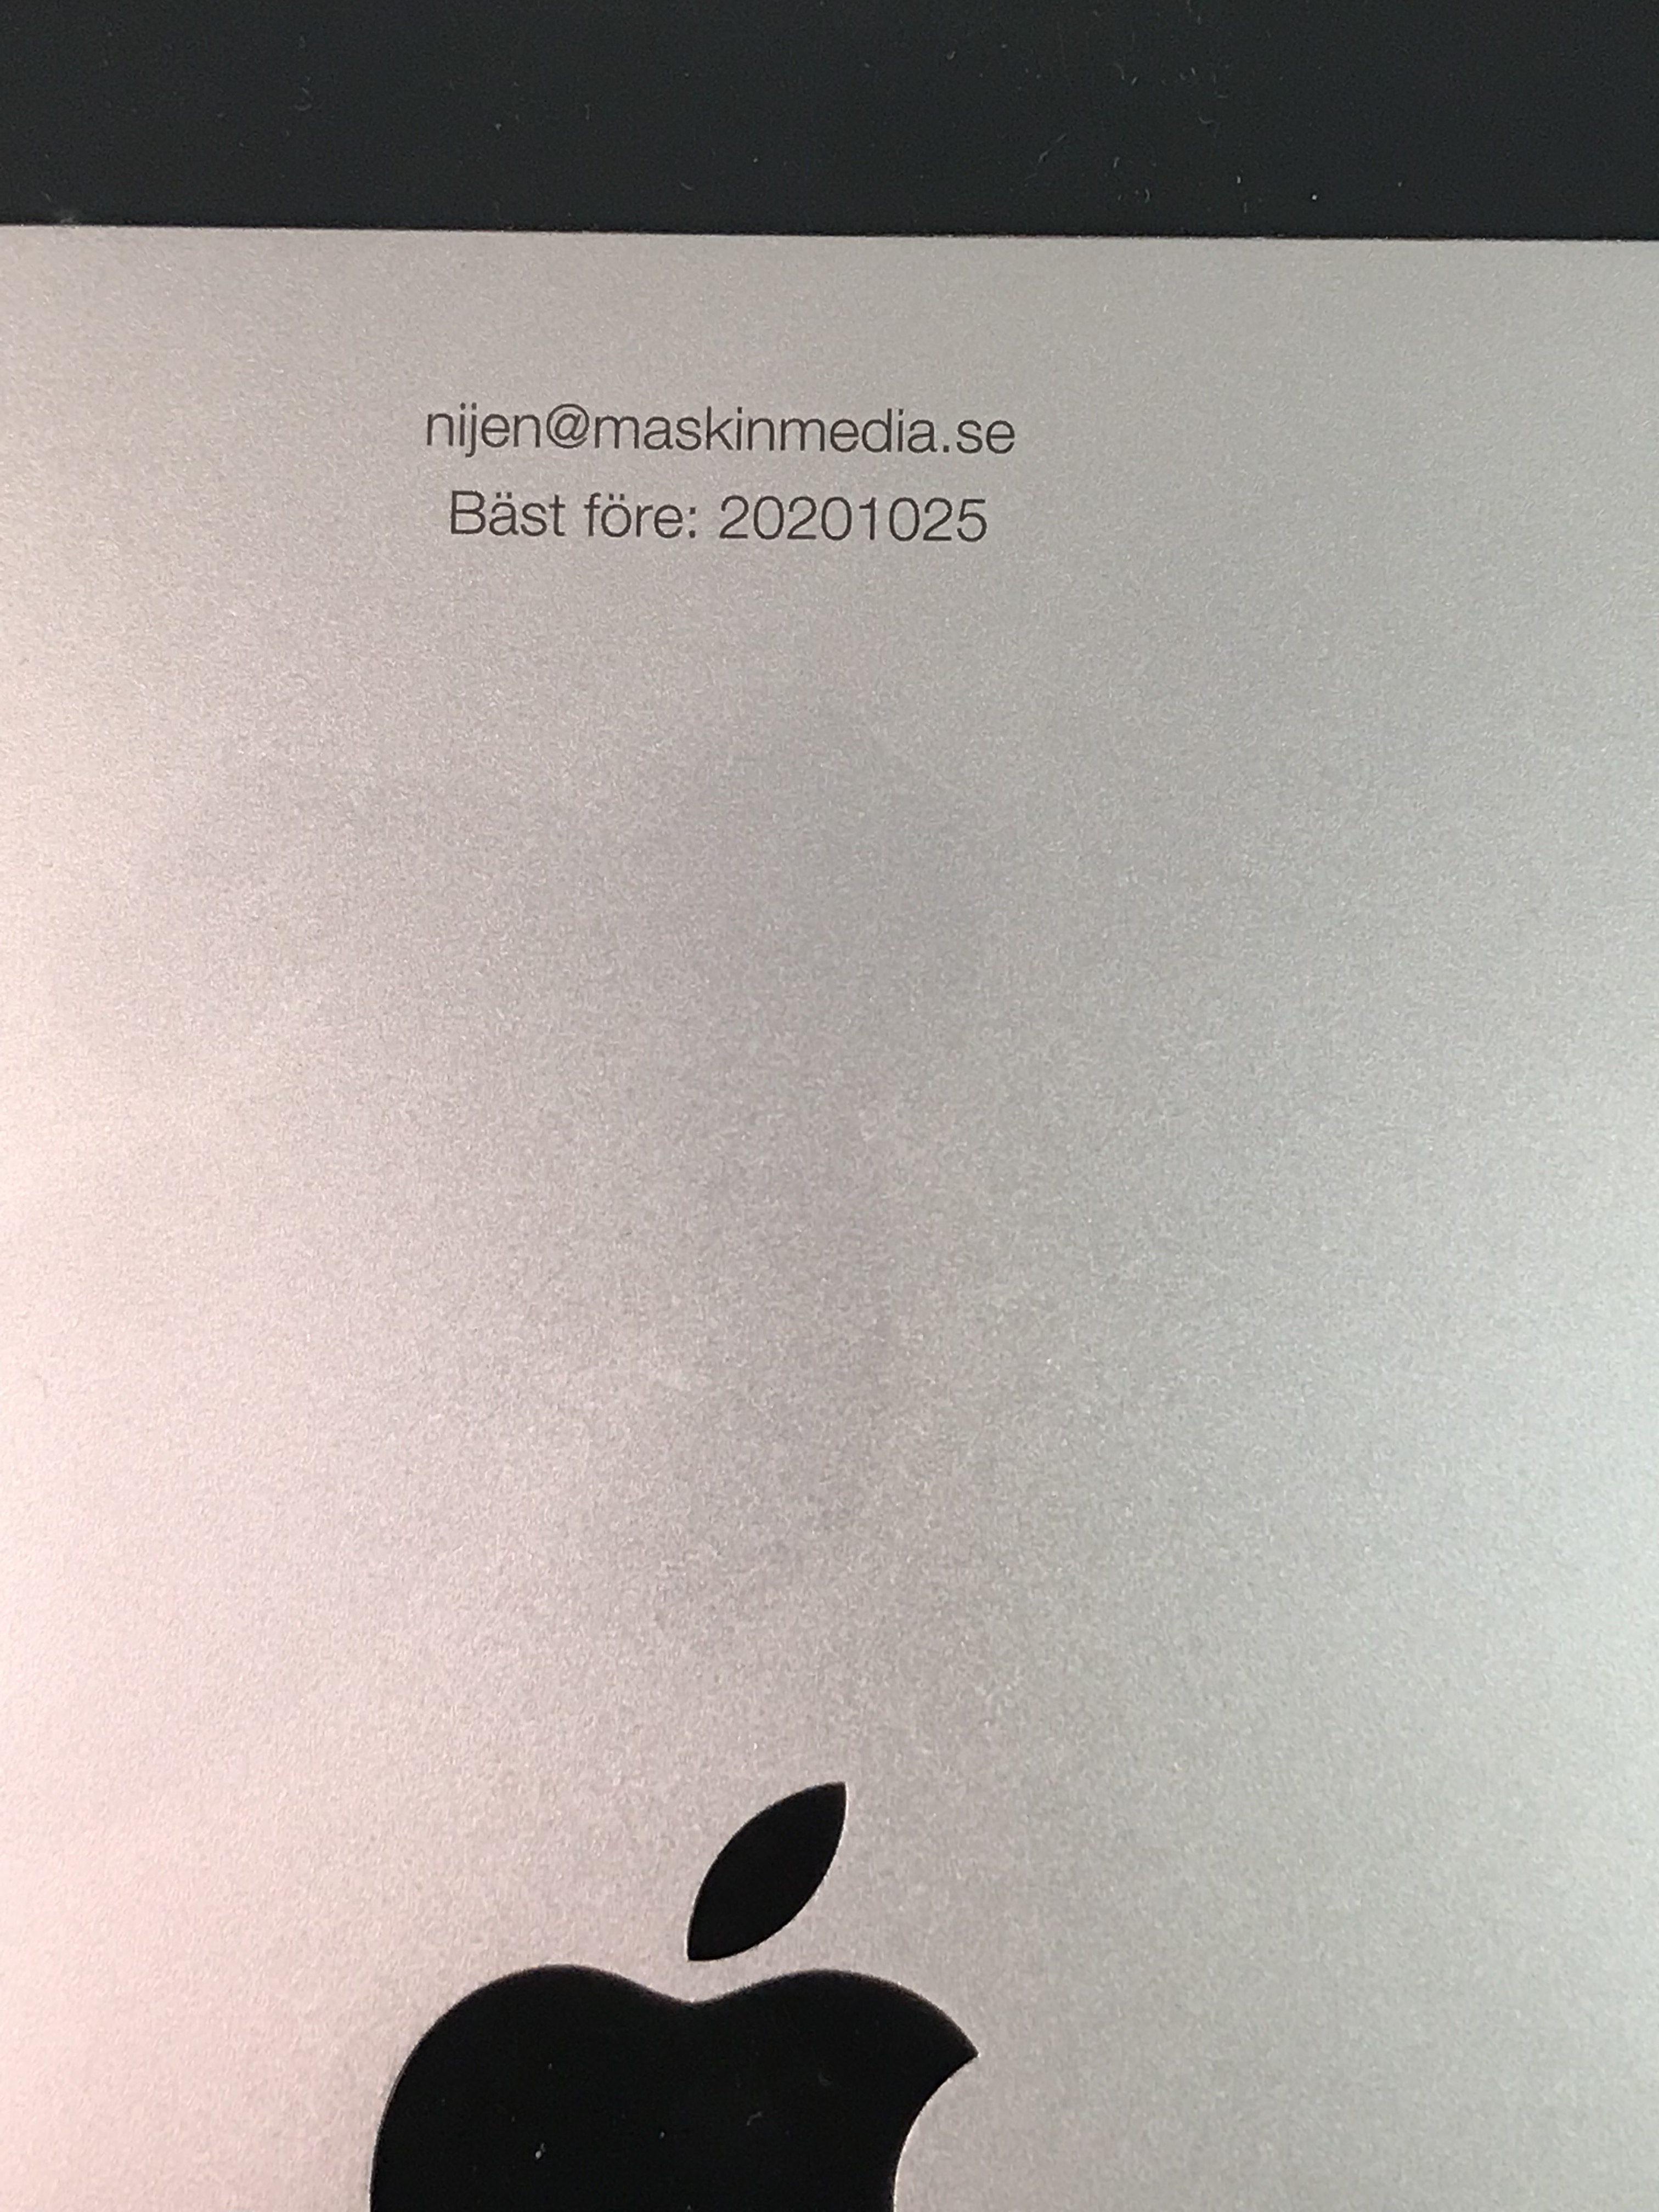 iPad mini 4 Wi-Fi + Cellular 128GB, 128GB, Gray, bild 4